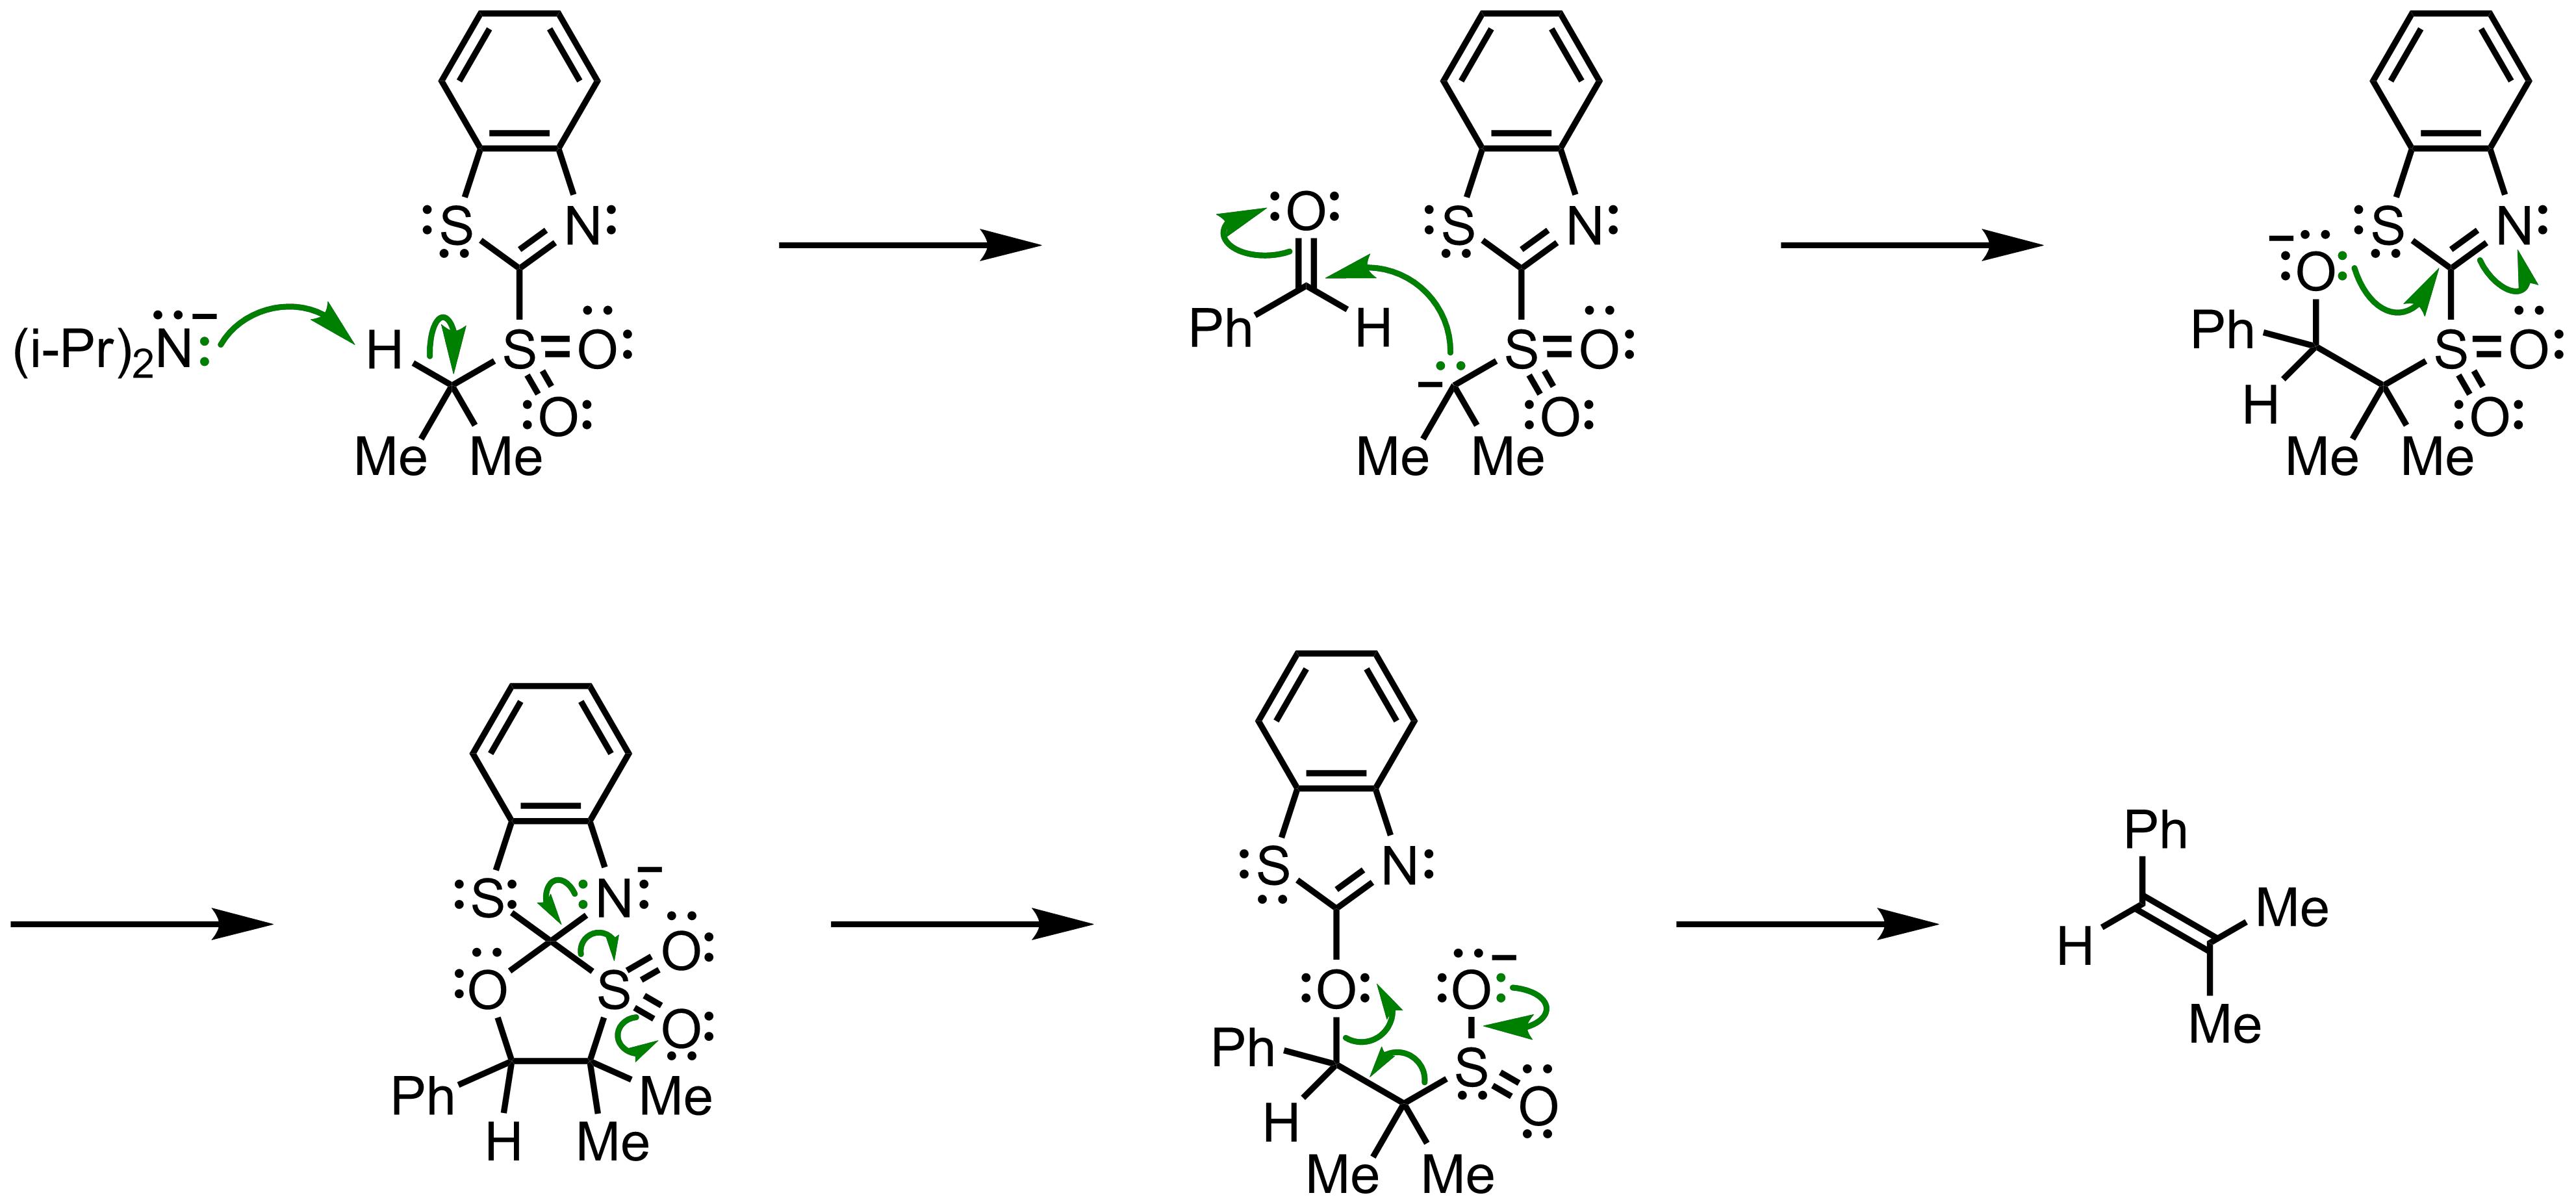 Mechanism of the Julia-Kociensky Olefination